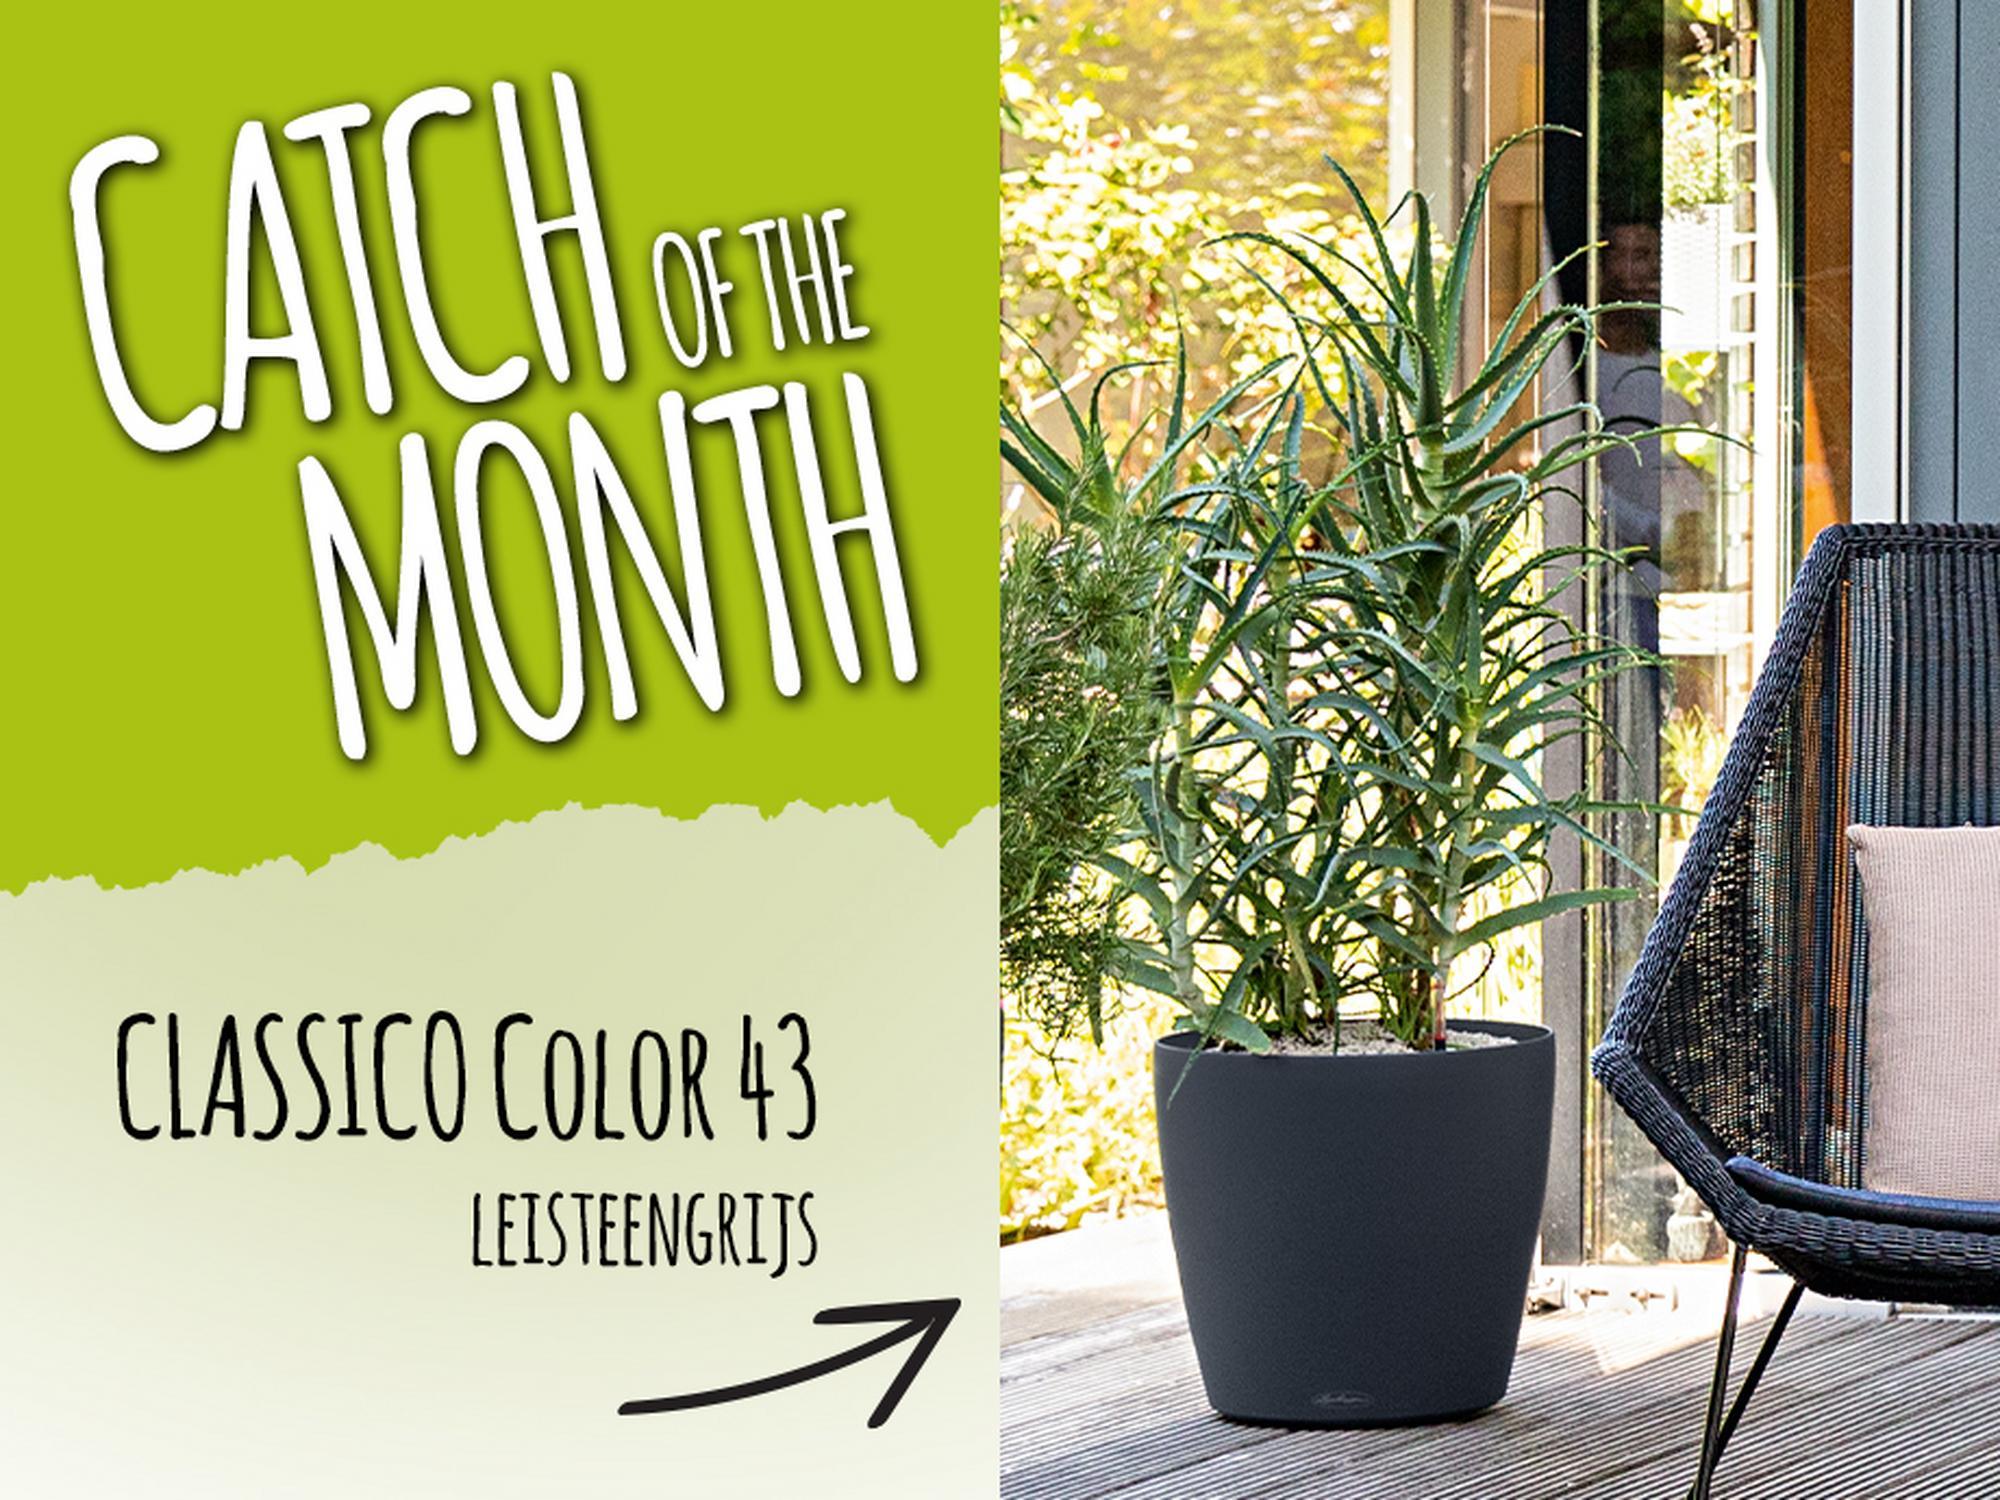 Catch of the Month: 15% korting op de CLASSICO Color 43 leisteengrijs